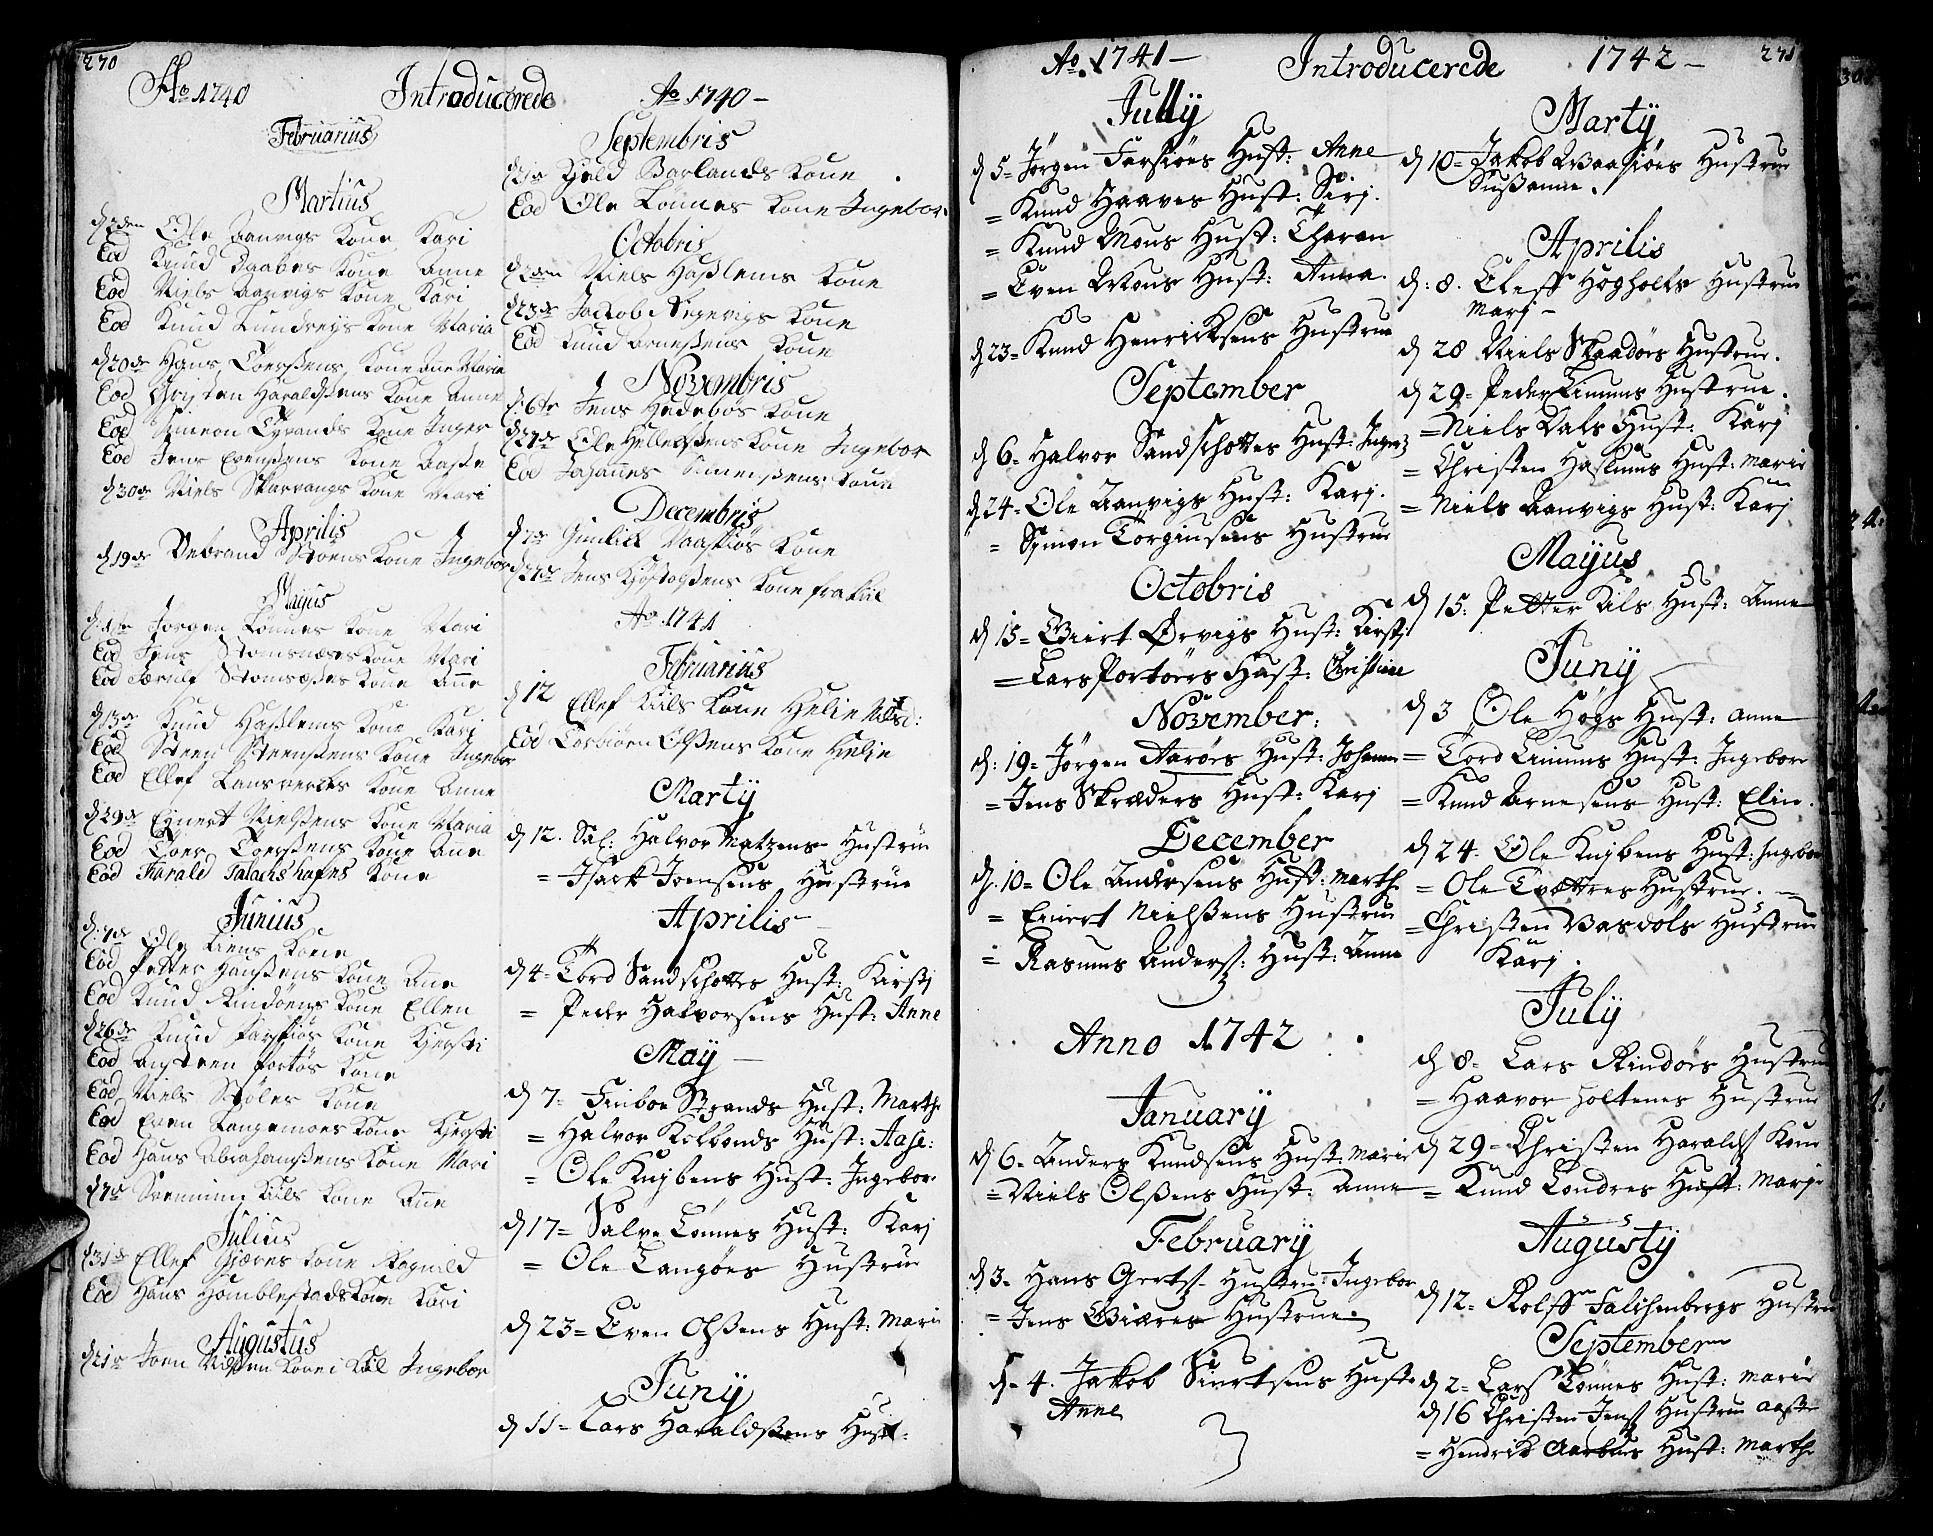 SAKO, Sannidal kirkebøker, F/Fa/L0001: Ministerialbok nr. 1, 1702-1766, s. 270-271